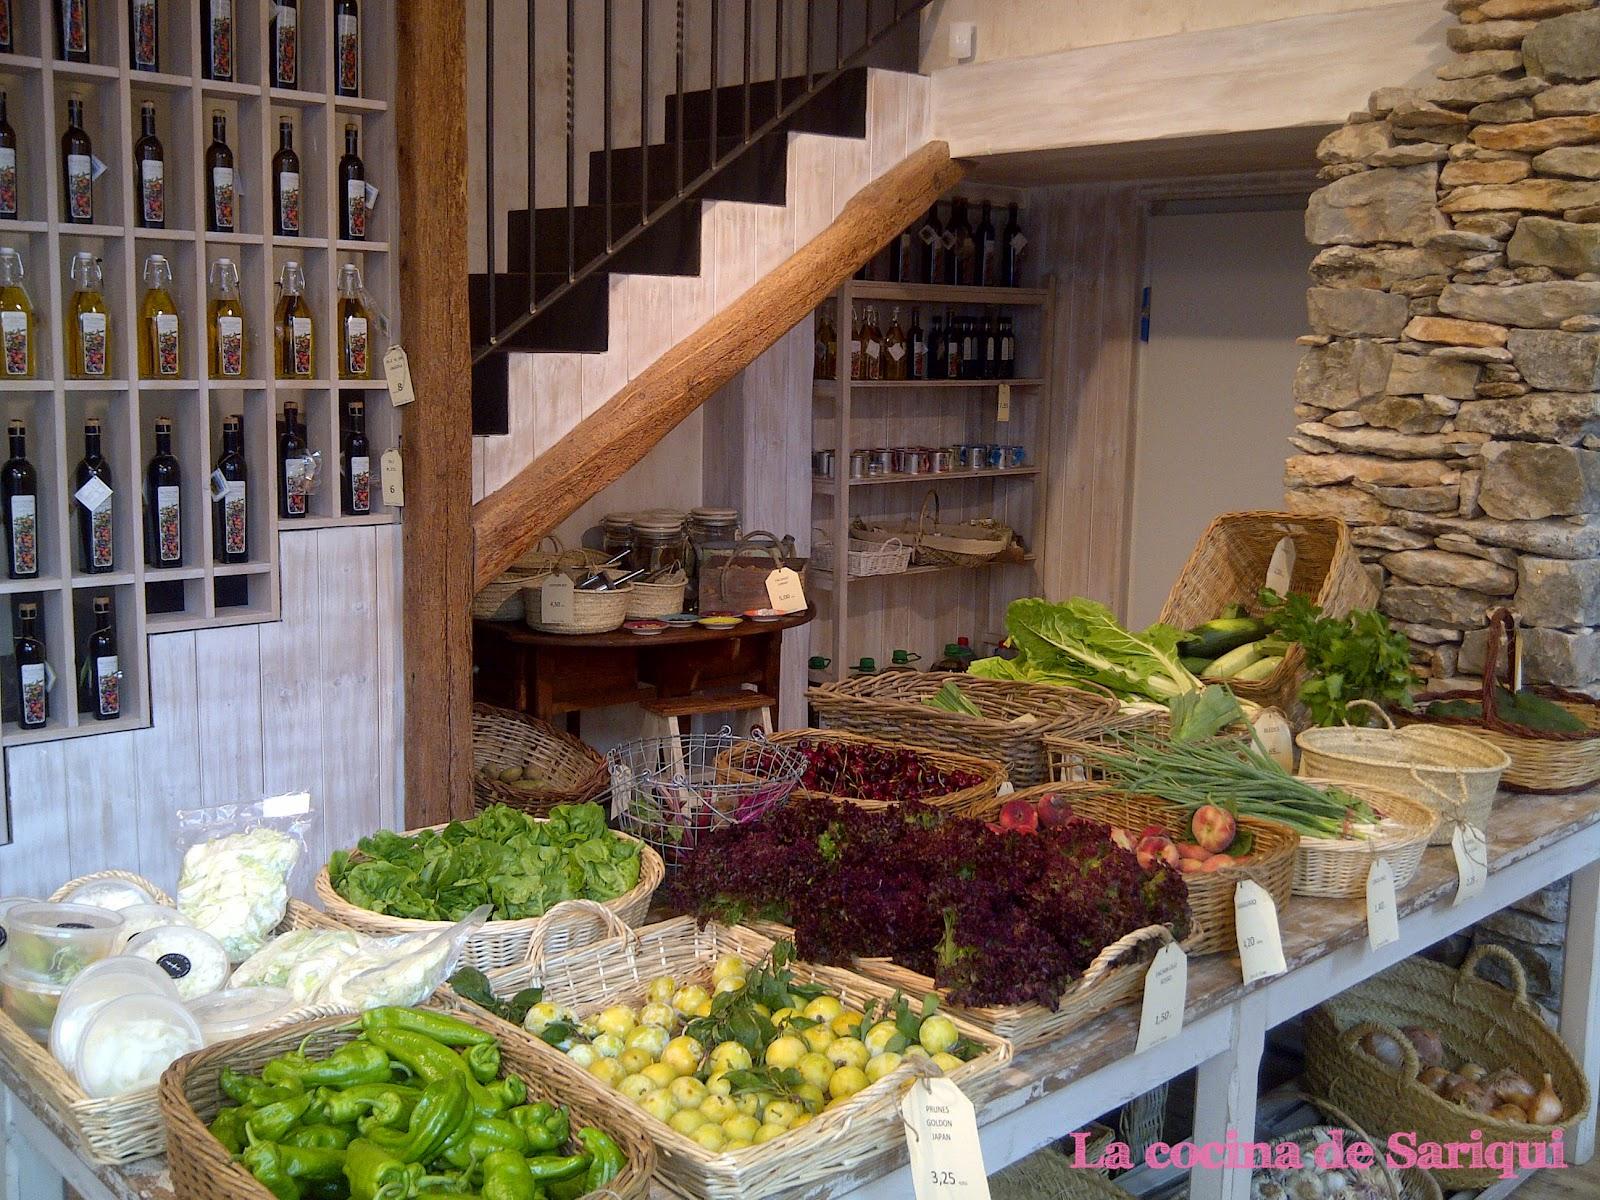 La cocina de sariqui productos naturales en temps de terra for Decoracion de fruterias